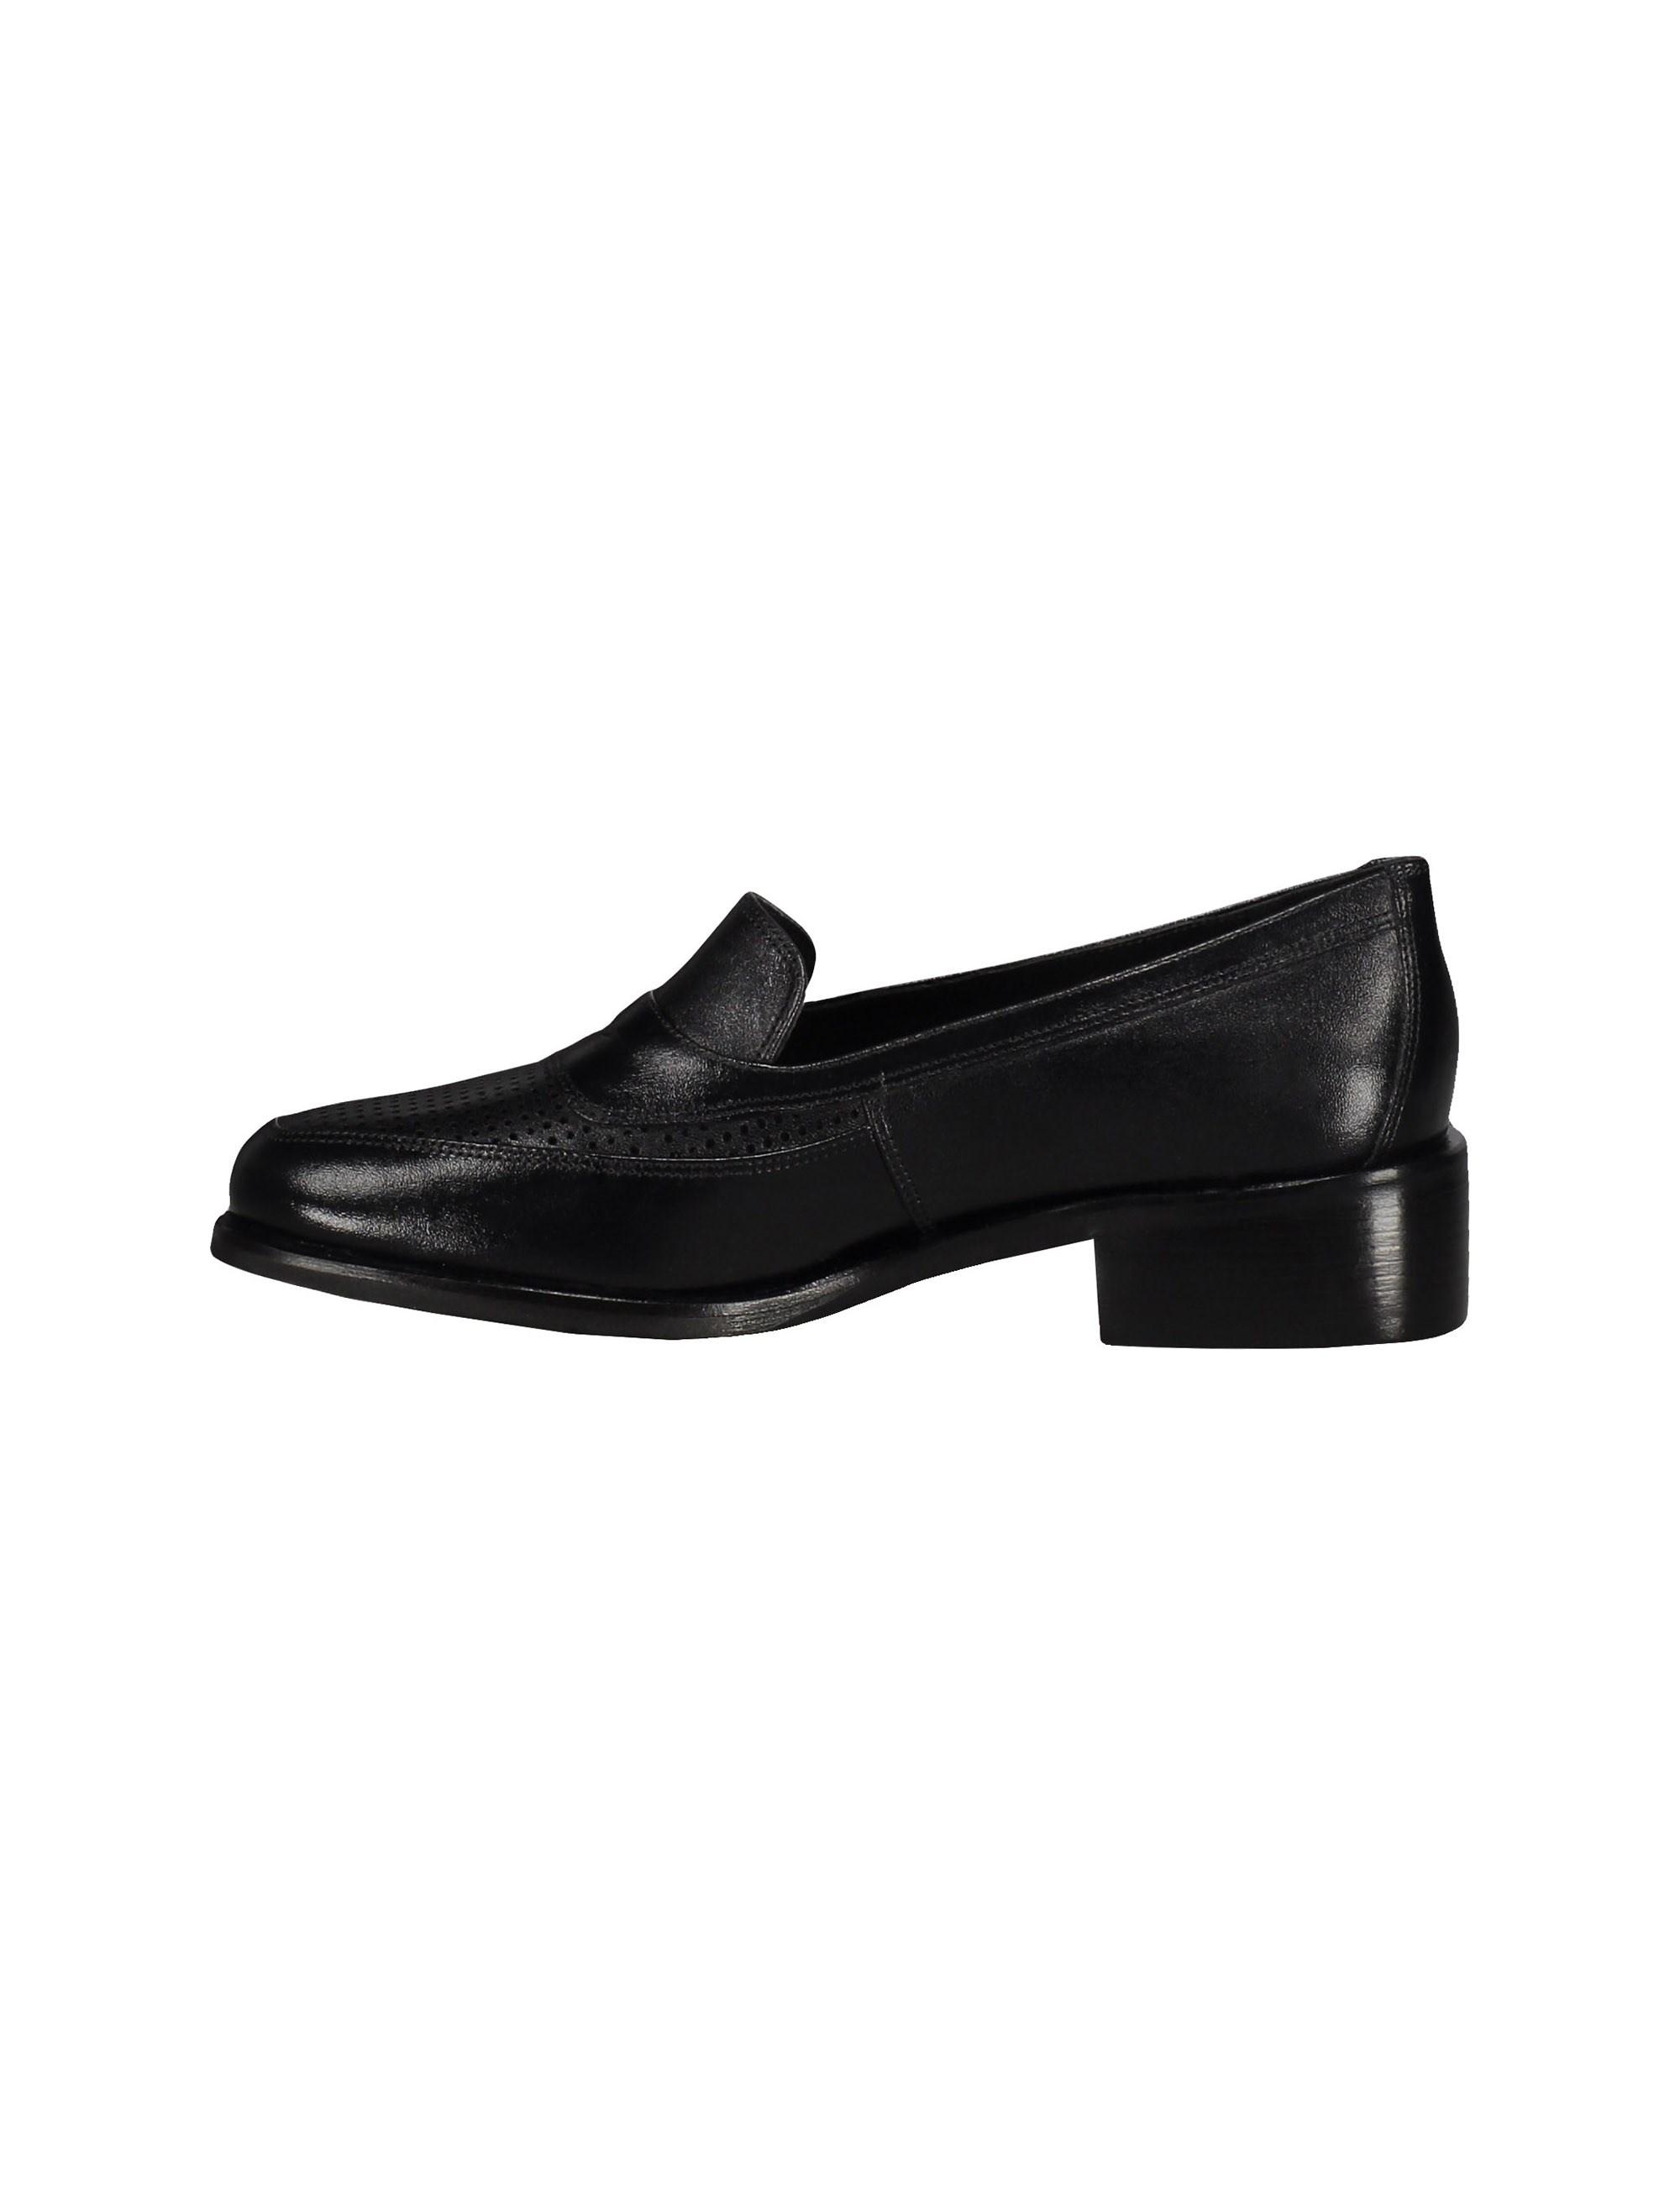 کفش چرم تخت زنانه - مشکي - 3